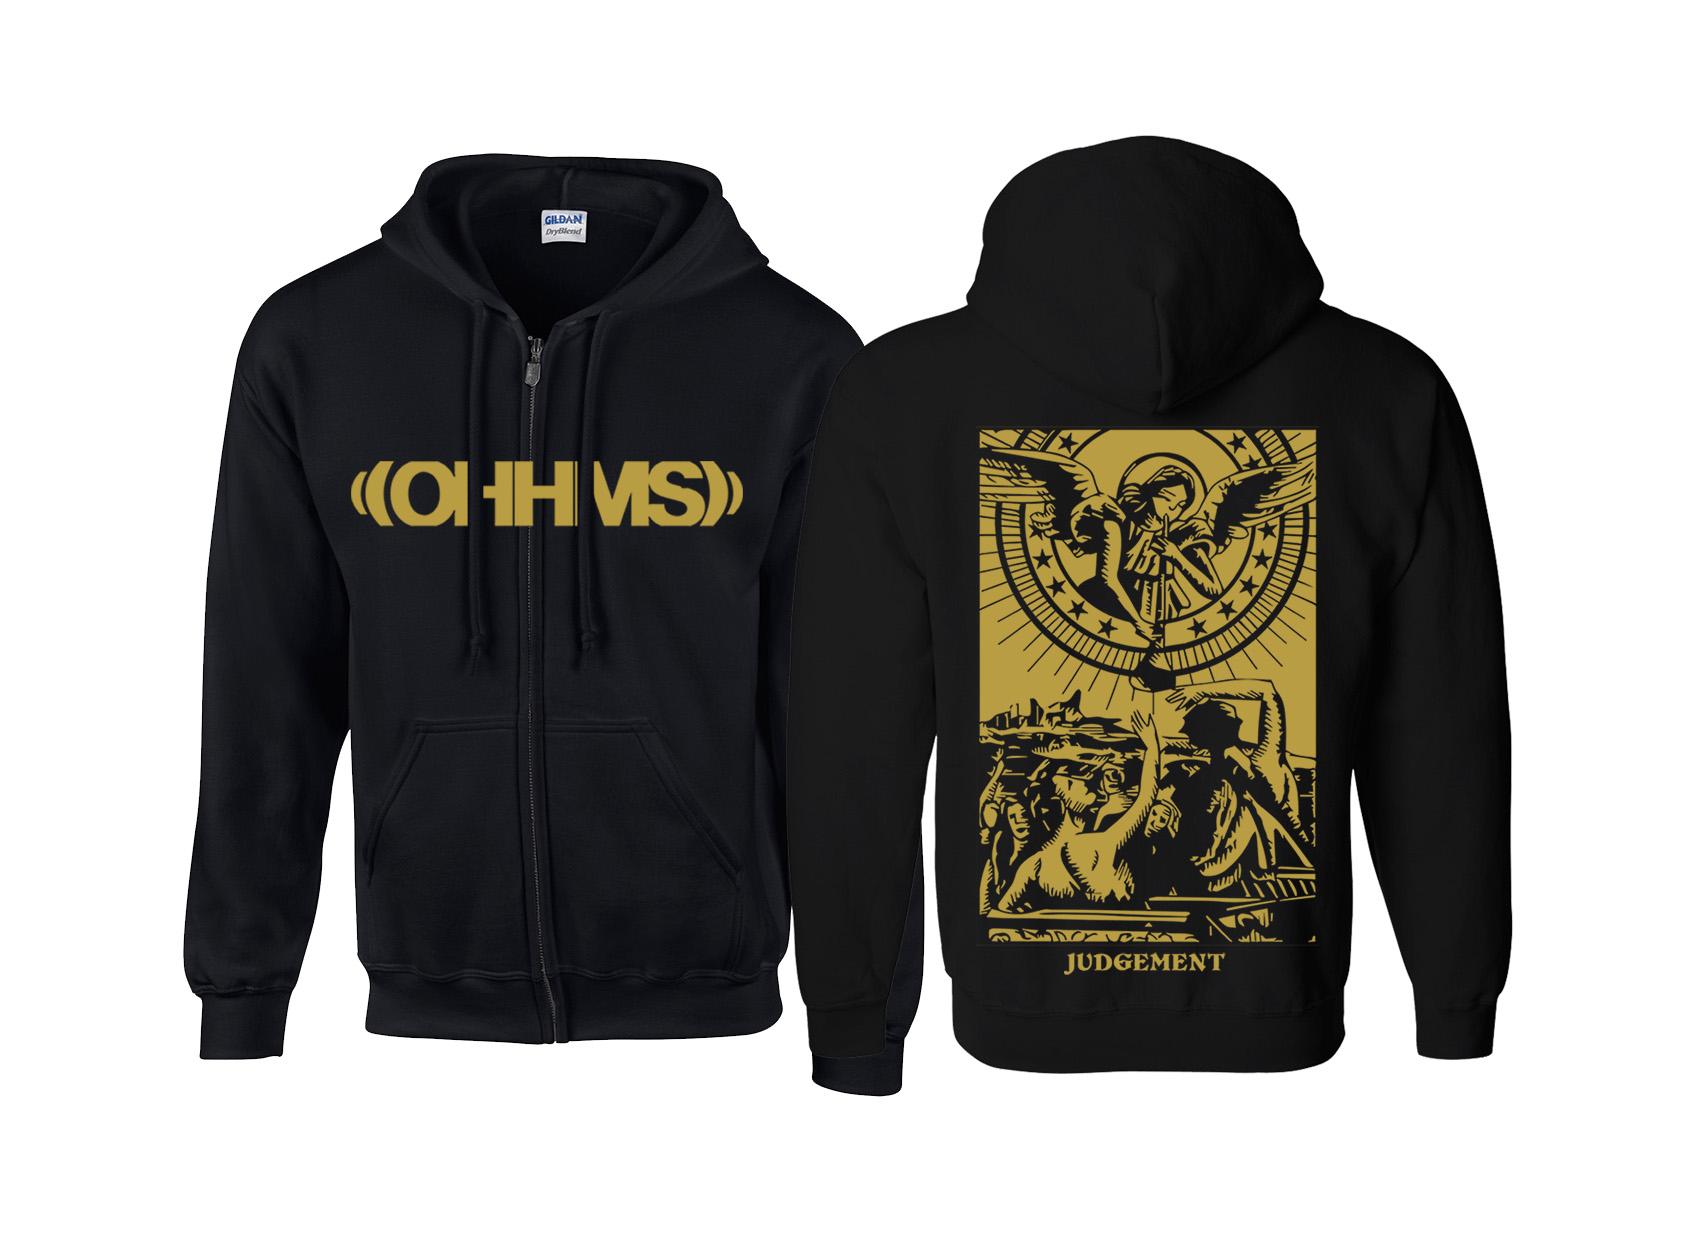 Ohhms - The Fool hoodie